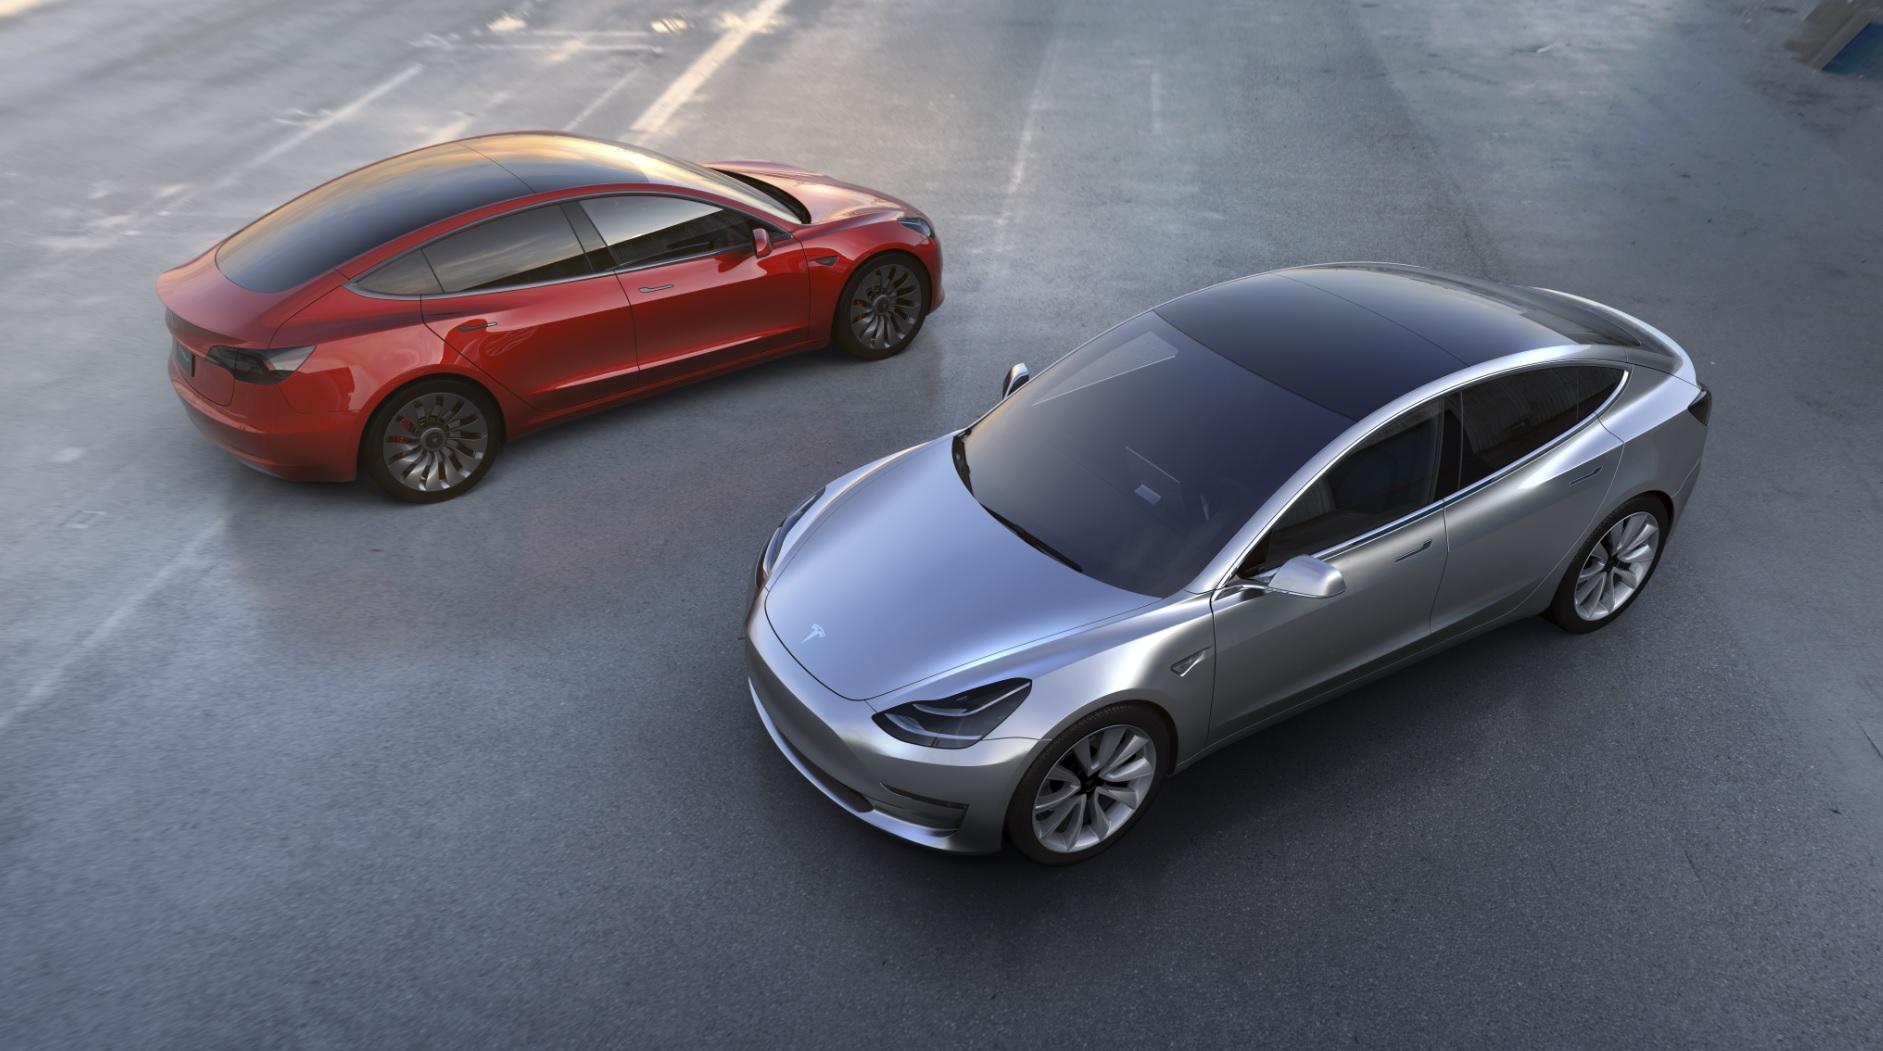 Tesla-Model-3-wallpaper-red-silver.jpg